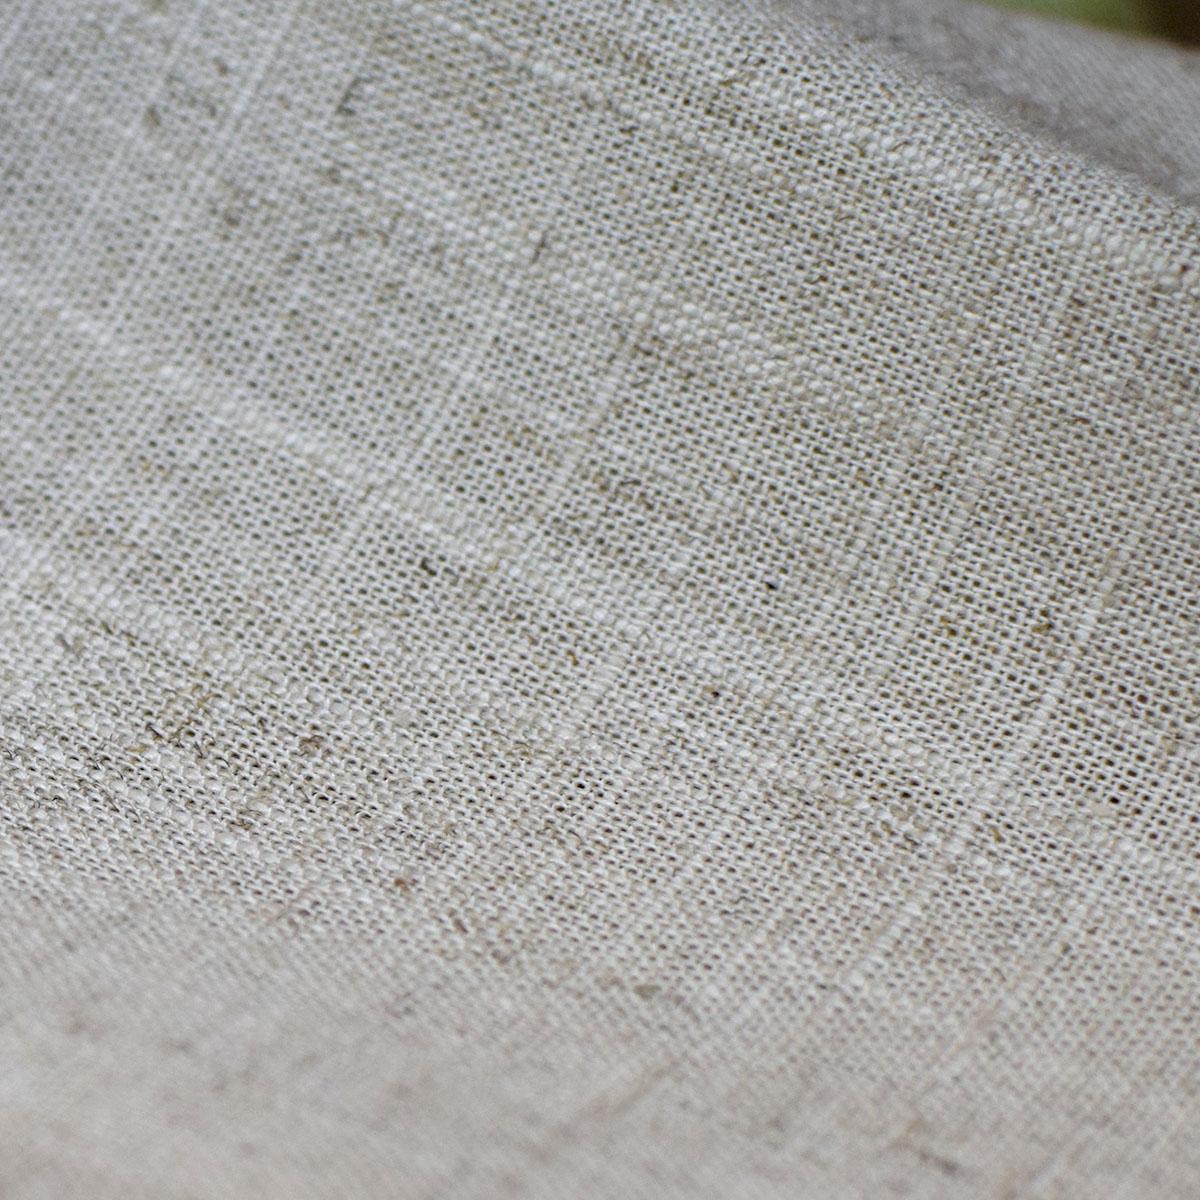 素色夏优质竹节麻布纯色亚麻布棉麻料服装布料连衣裙短裤面料